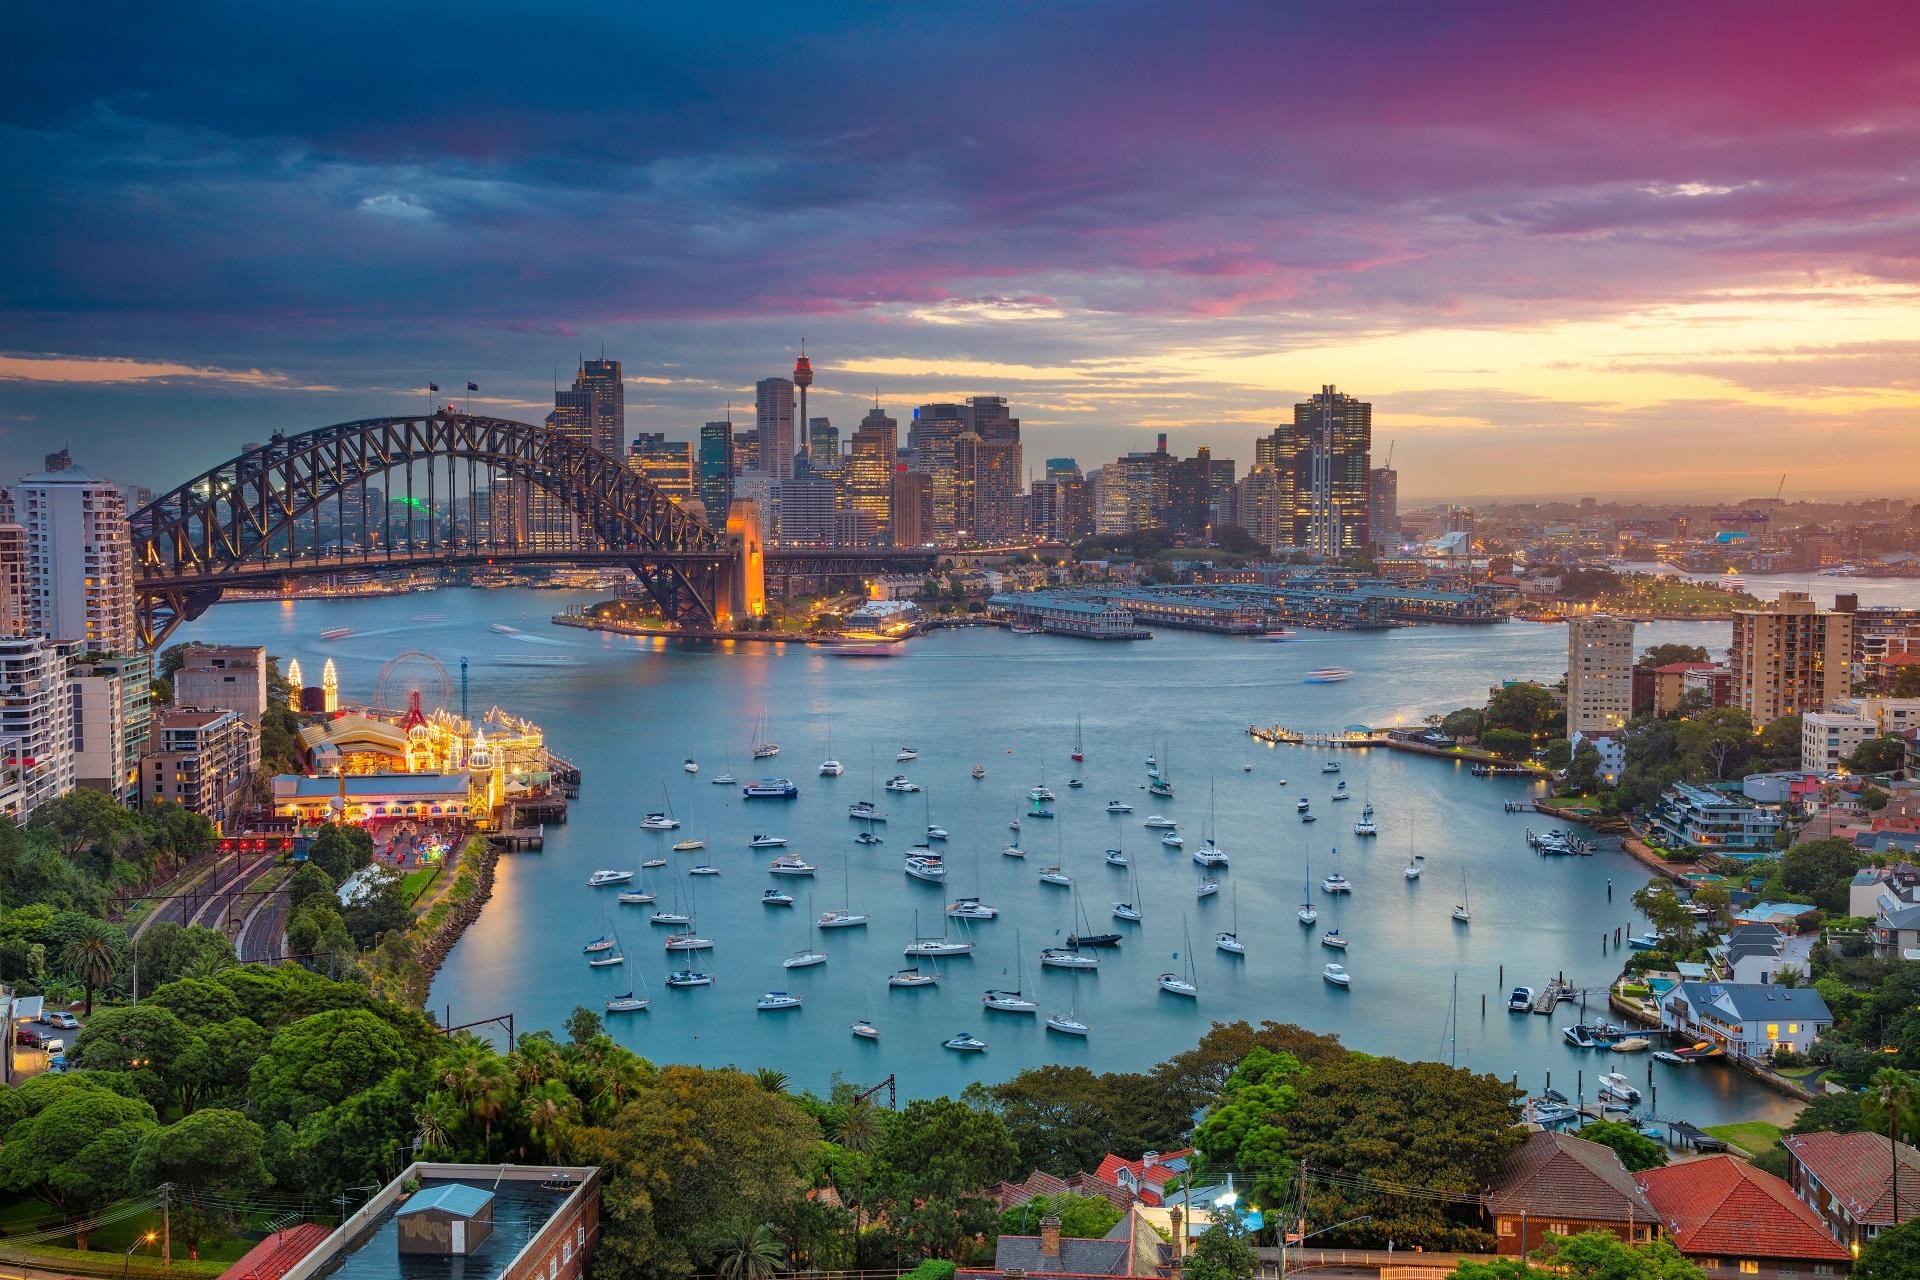 Sydney, Australia with Harbour Bridge_590390942